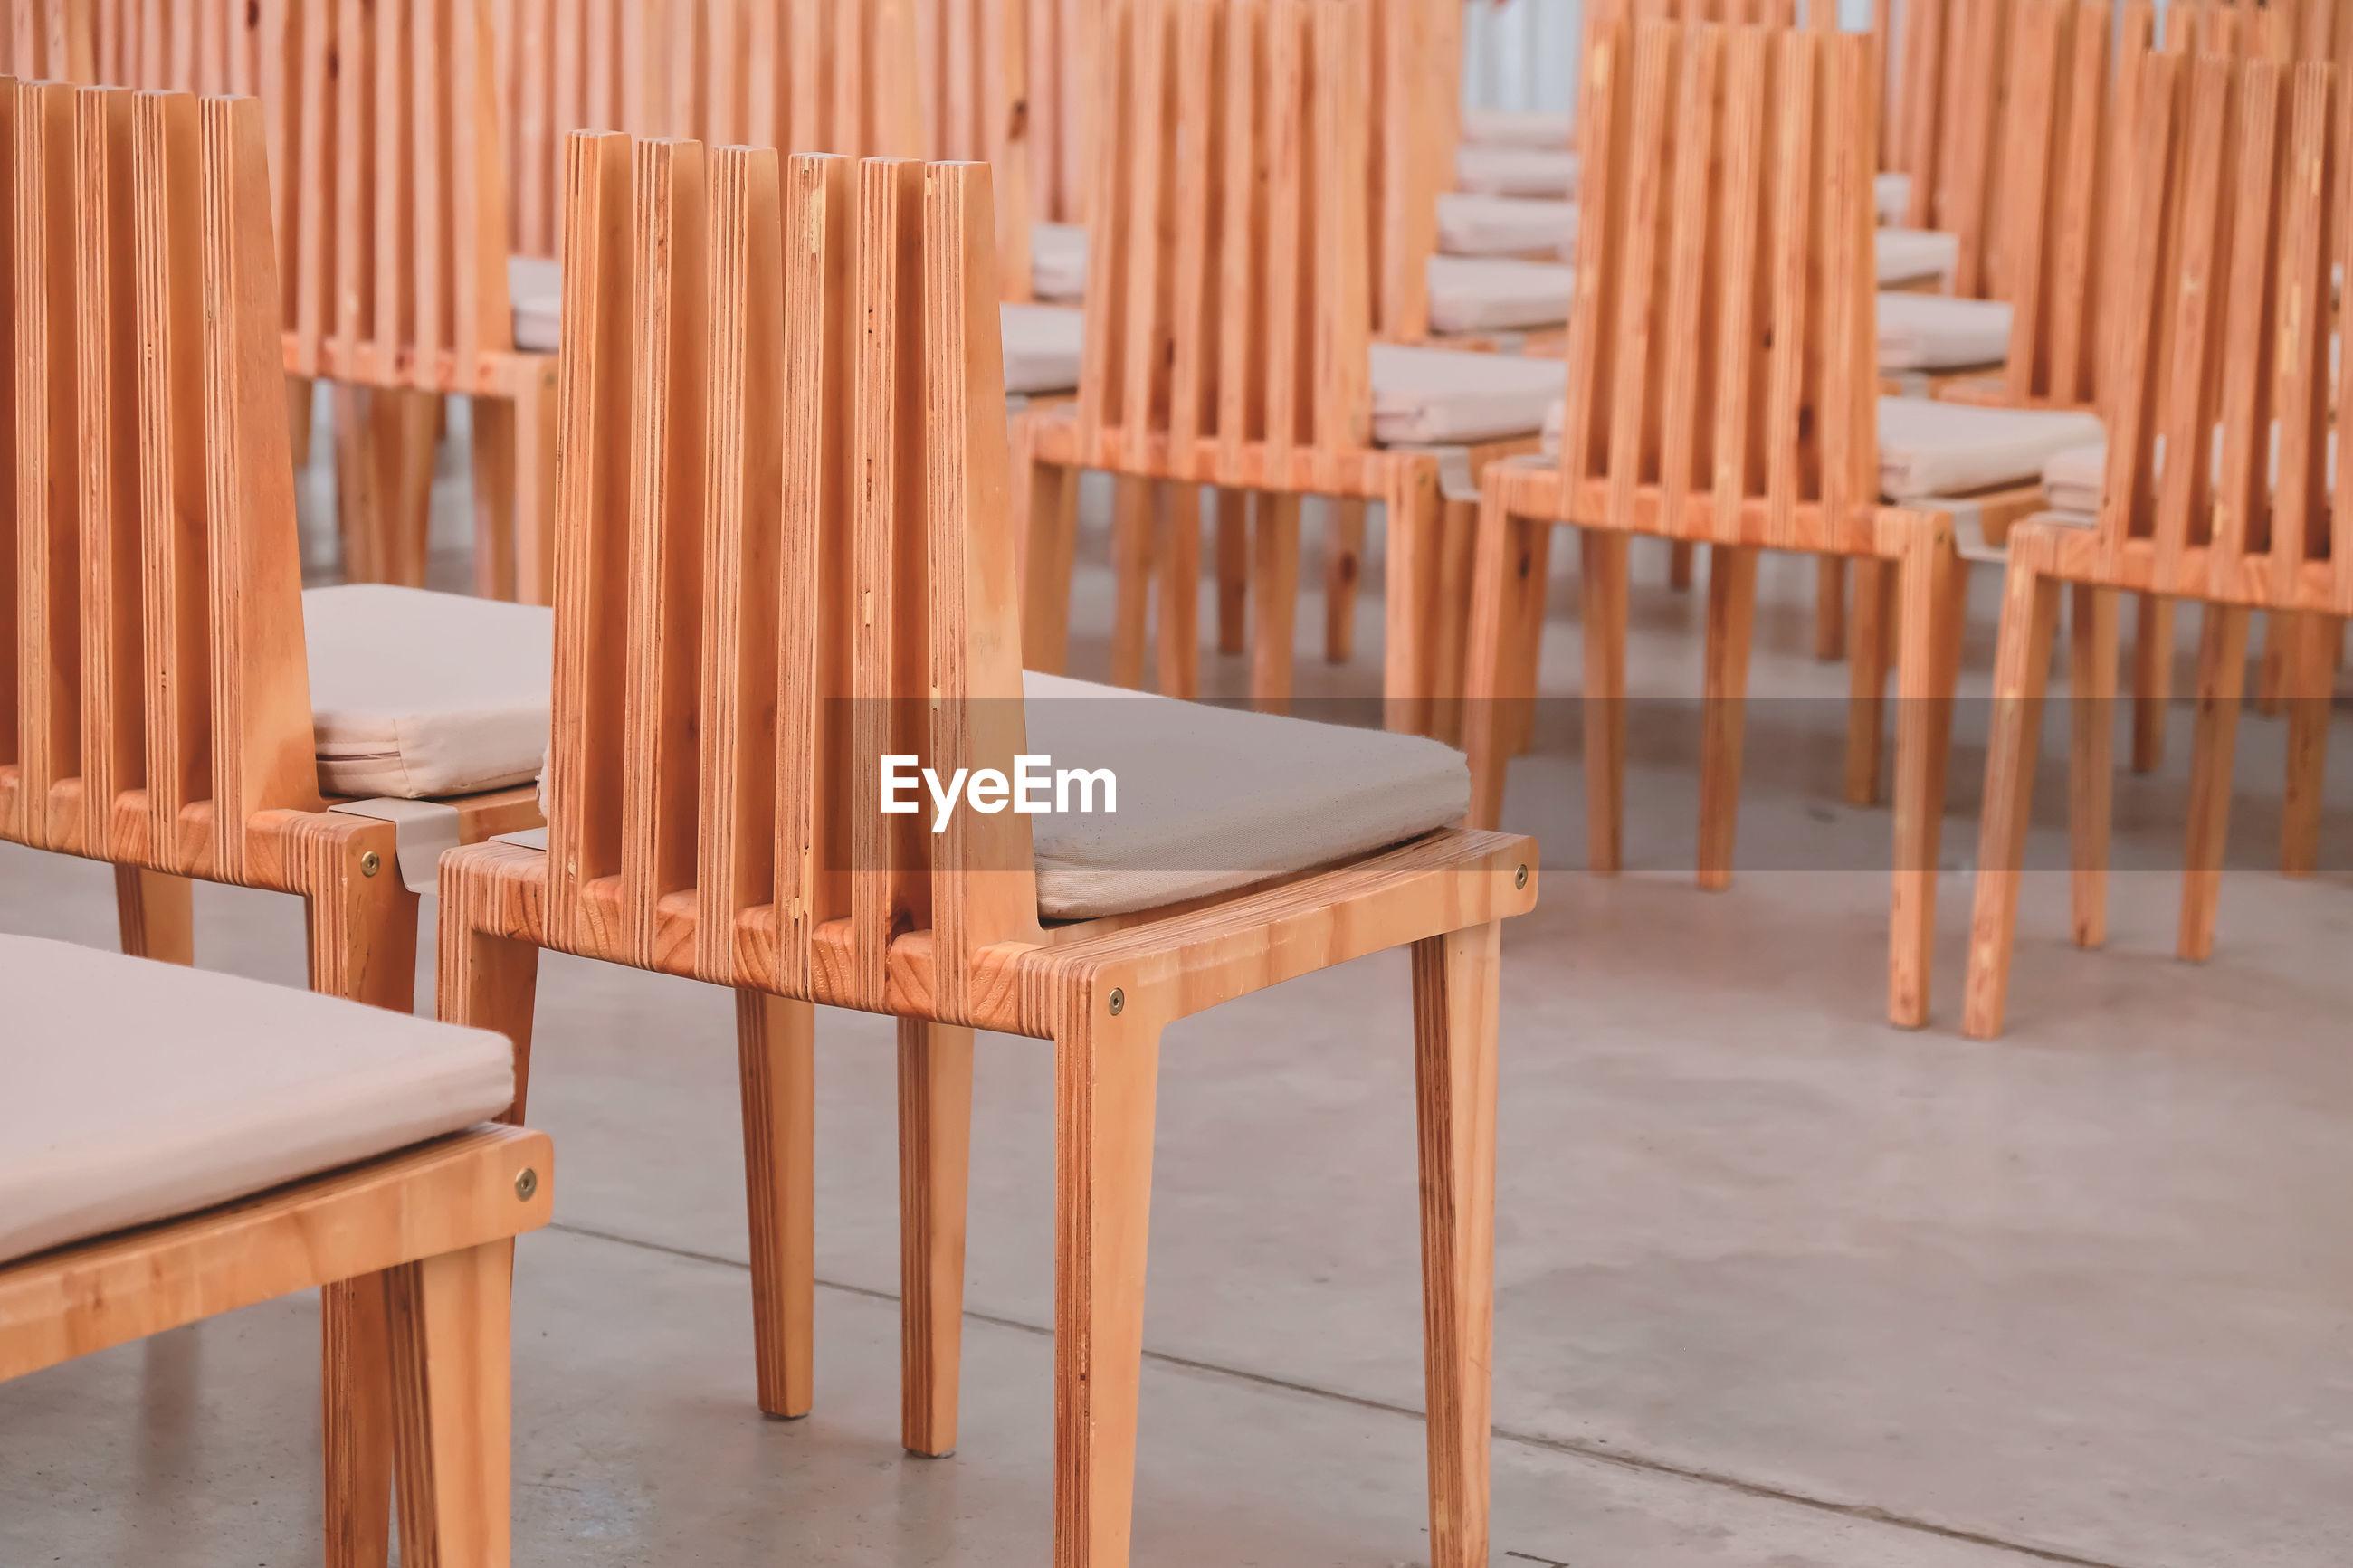 Empty chairs on floor